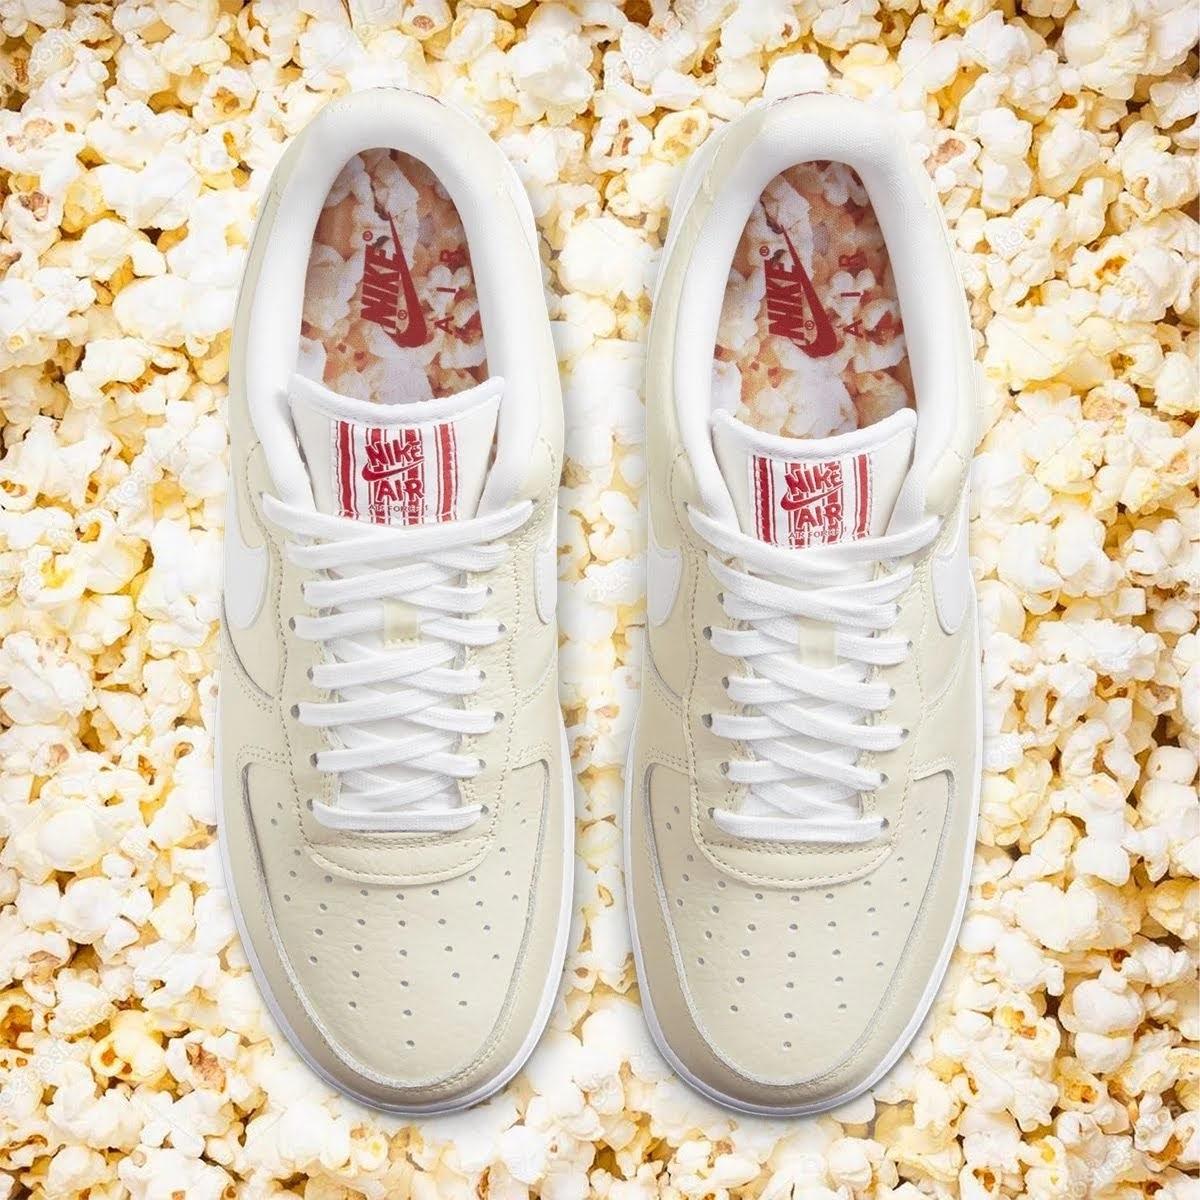 """ナイキ エア フォース 1 ロー プレミアム """"ポップコーン"""" nike-air-force-1-low-popcorn-cw2919-100-main"""